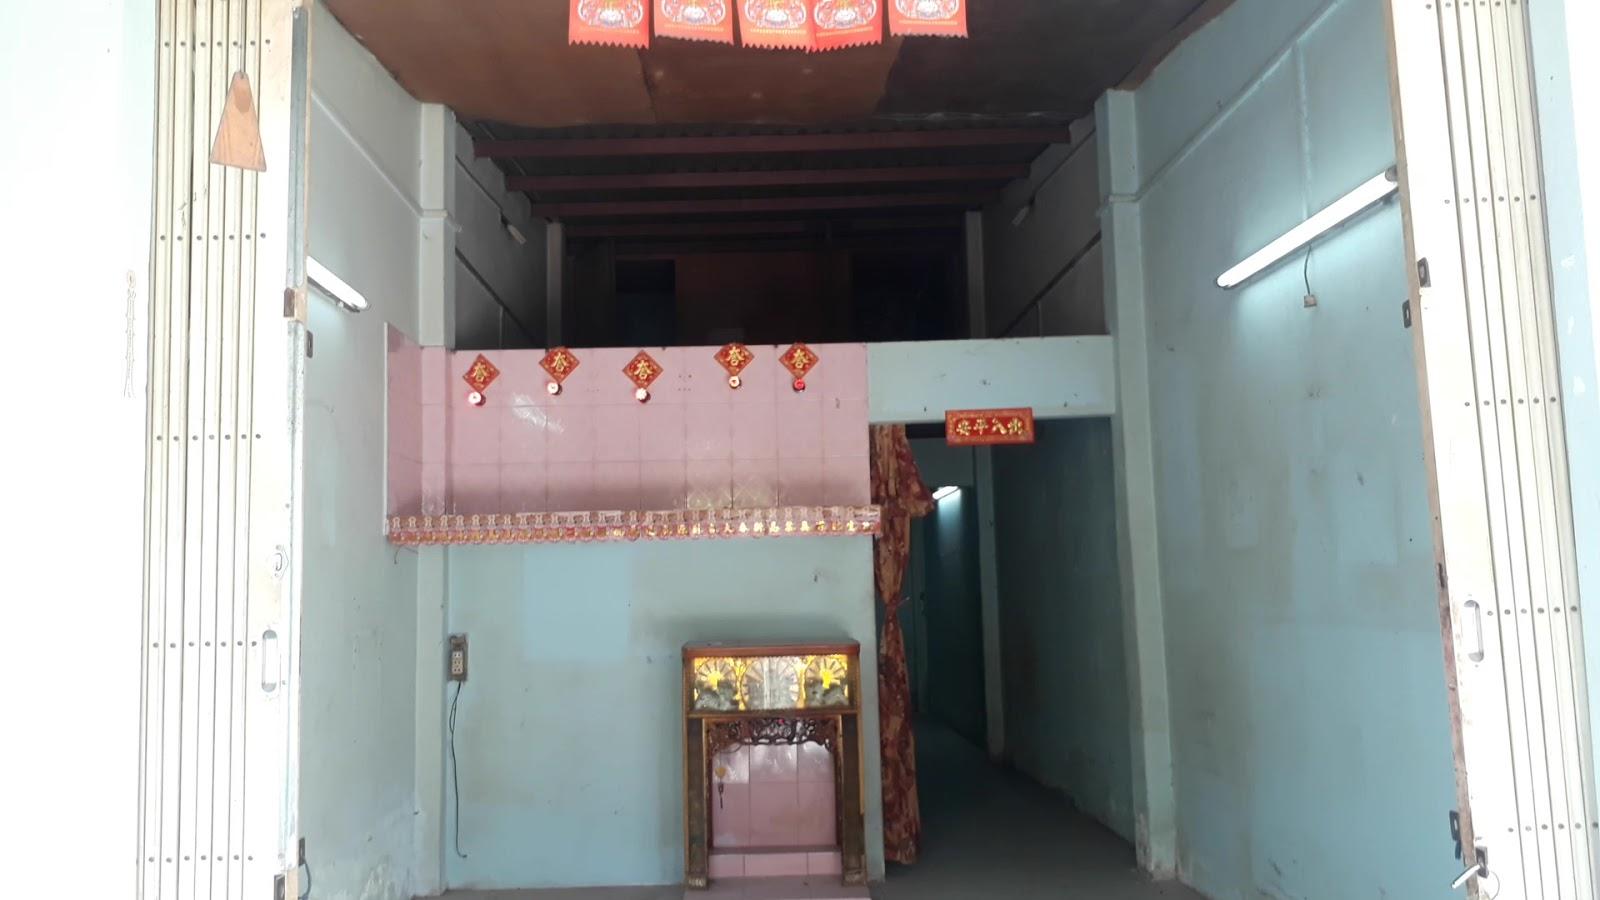 Bán nhà cấp 4 hẻm 704 Hương Lộ 2 phường Bình Trị Đông A quận Bình Tân. Dt 3,3x12m